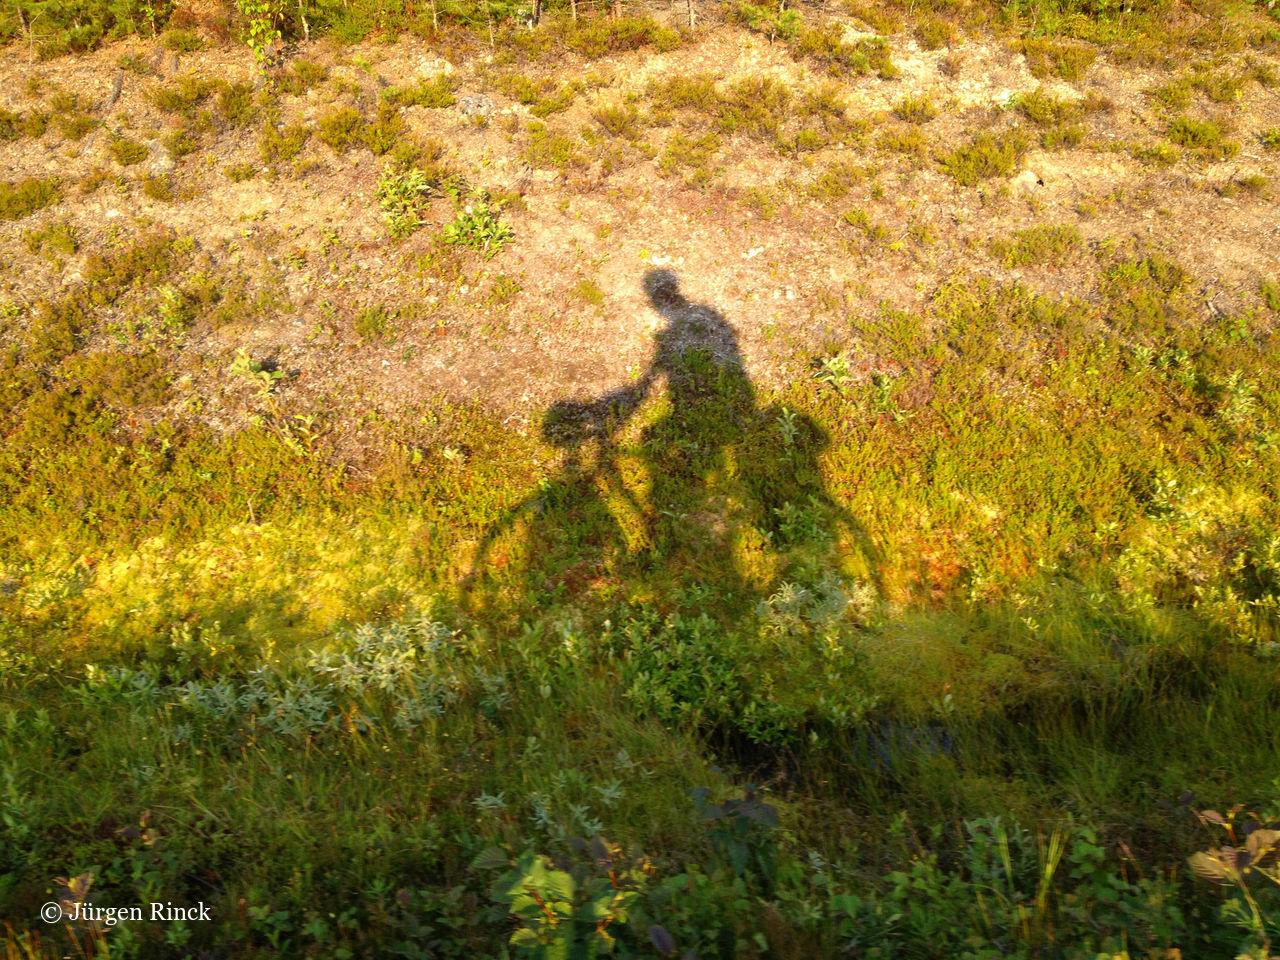 Schatten einer Radfahrers im Profil auf gelbgrünem Straßenrand.